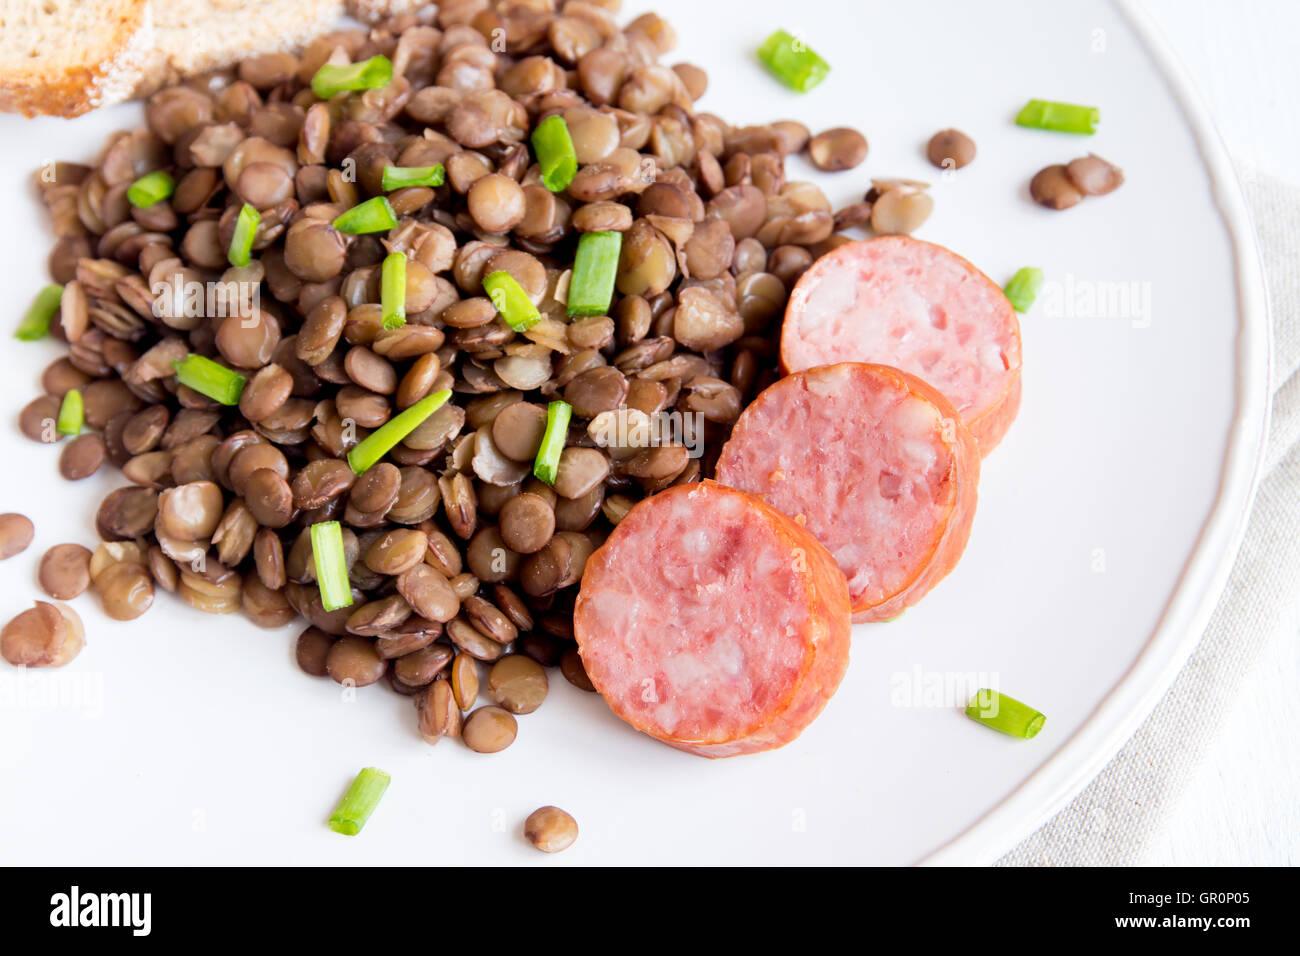 Lentilles vertes avec saucisse de porc (cotechino) on white plate Photo Stock